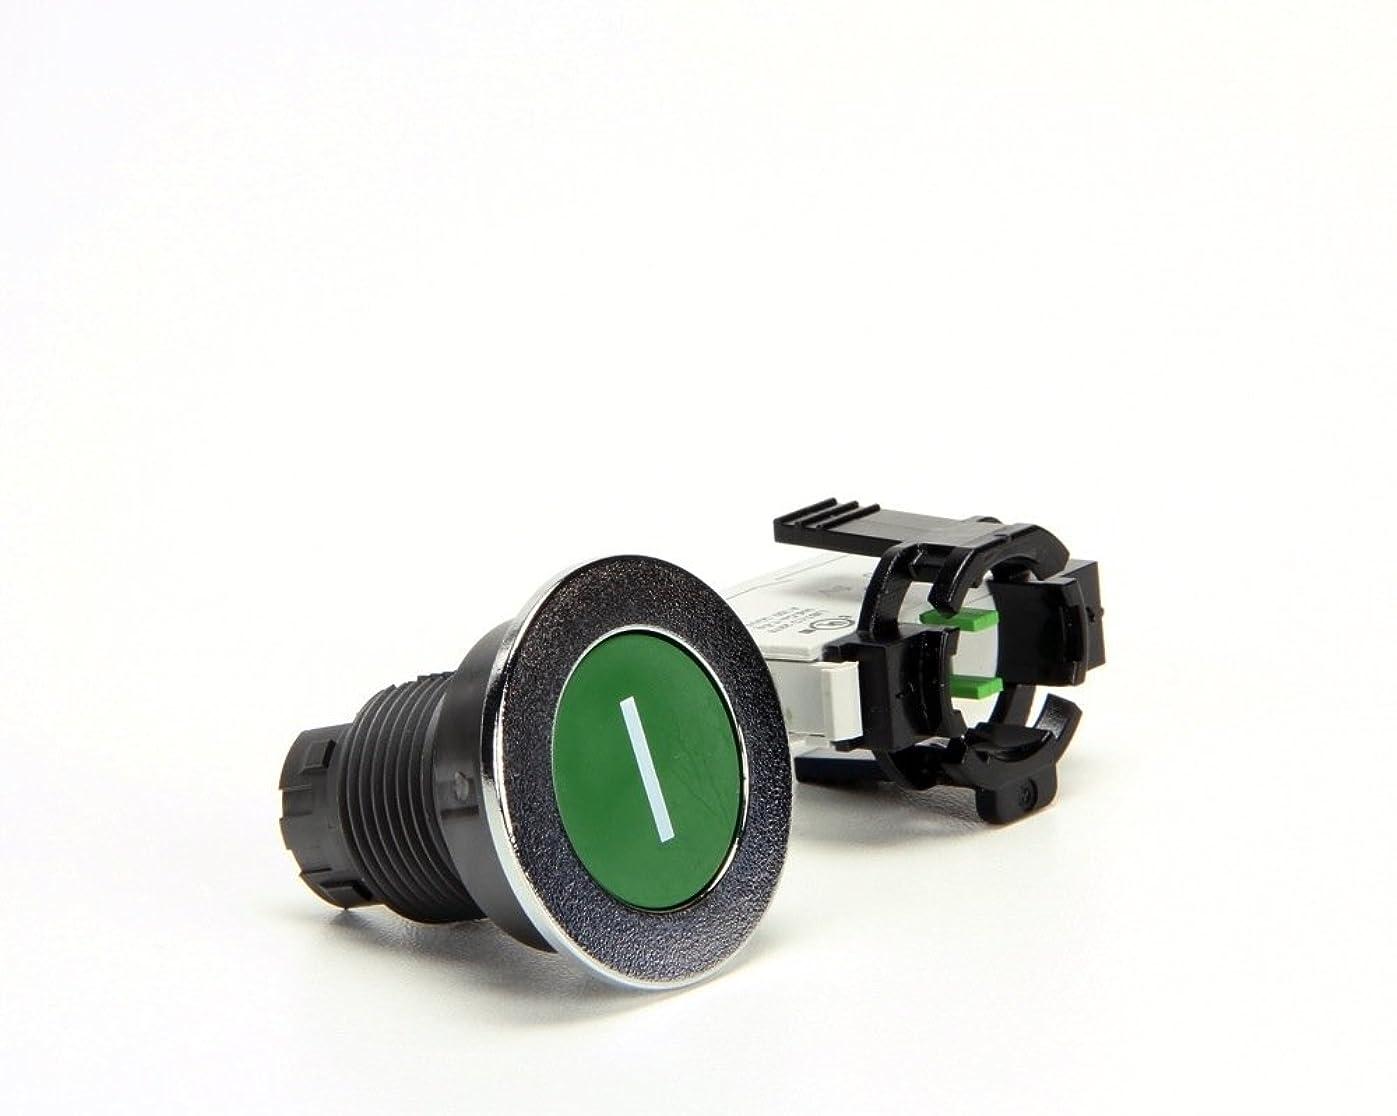 出口磁石慣れるRobot Coupe 502174 Green On Switch Assembly by Robot Coupe